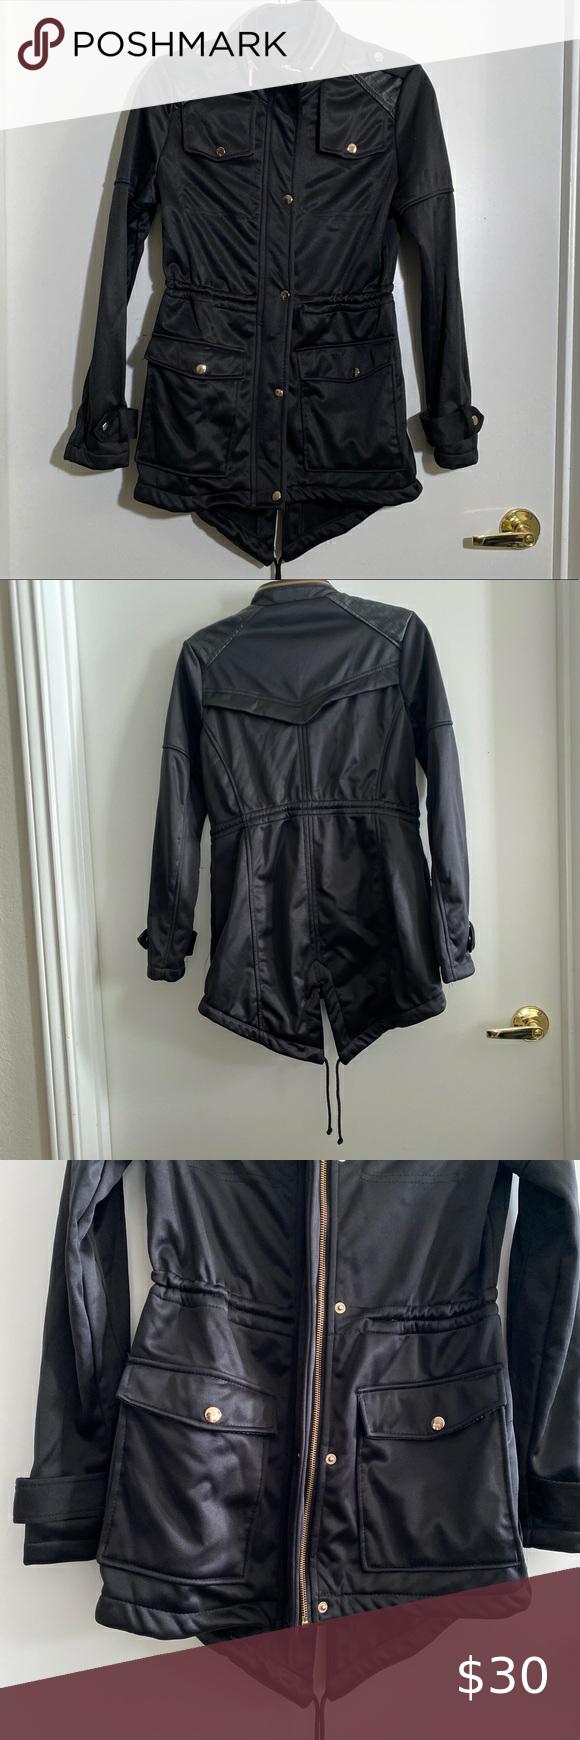 A3 Yoki Outerwear Collection Size Medium Outerwear Yoki Jackets For Women [ 1740 x 580 Pixel ]